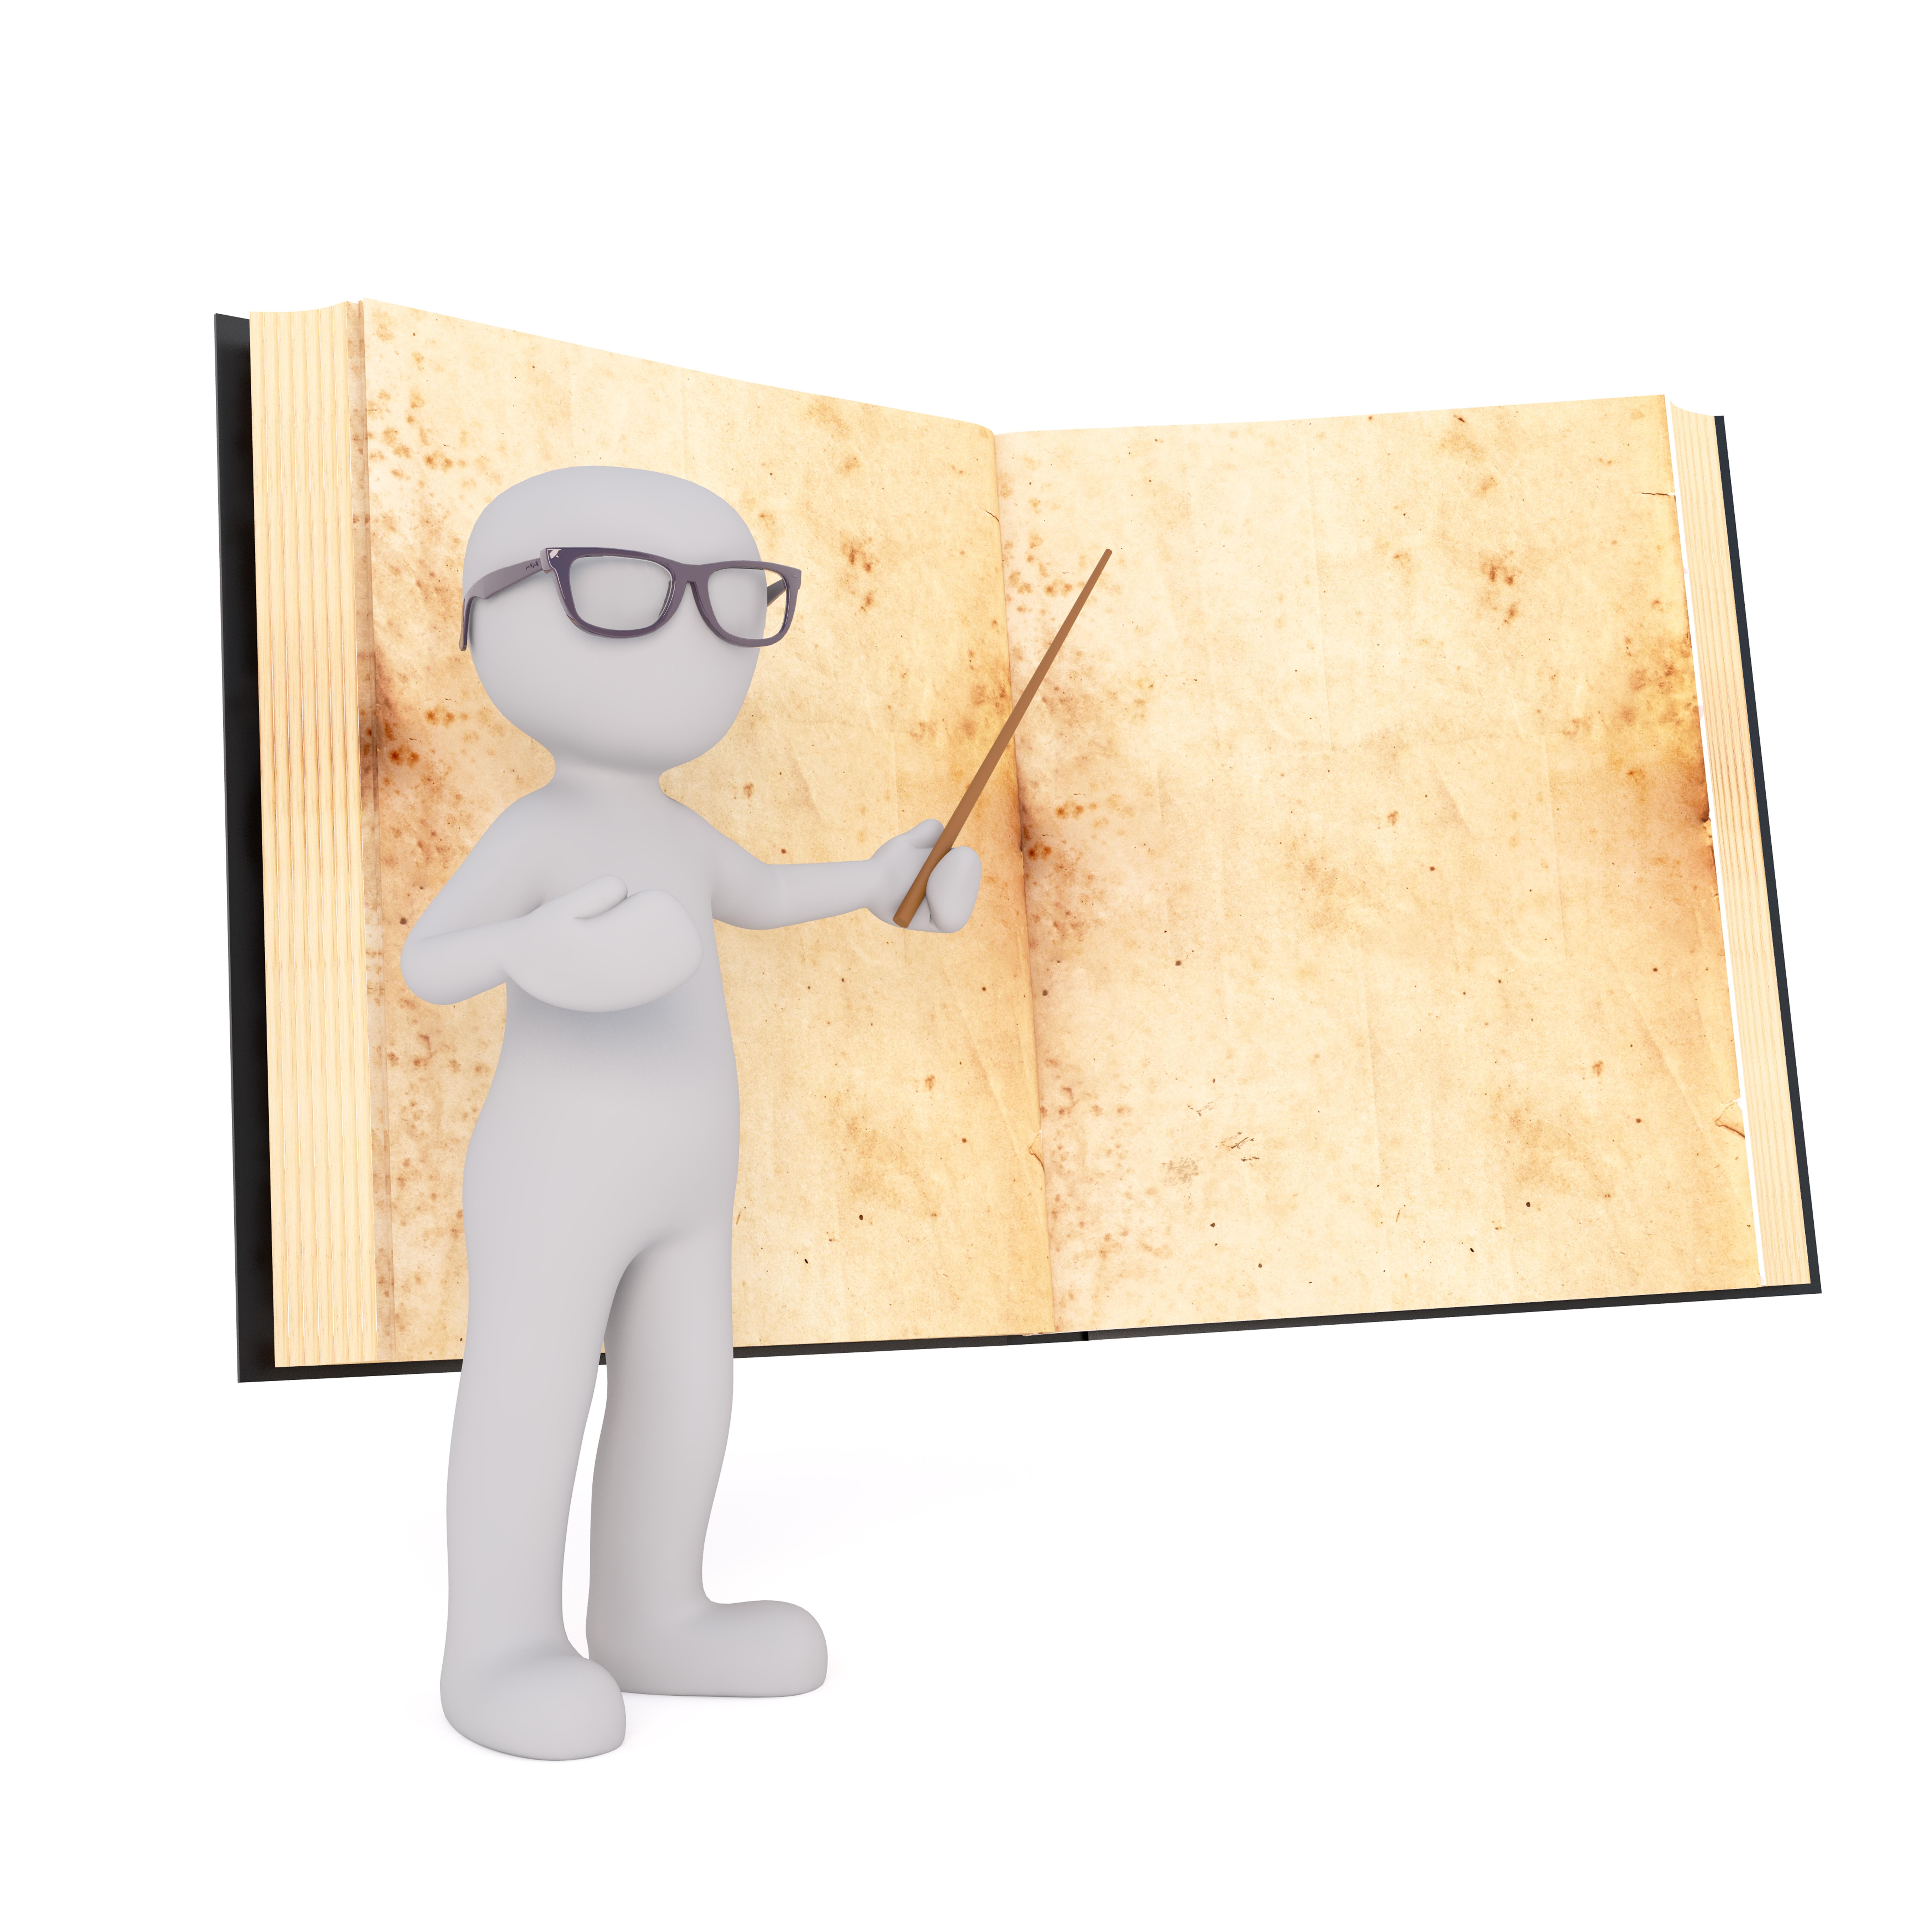 Fotos Gratis Libro Aislado Mueble Ilustraci N Profesor  # Muebles Dibujos Animados